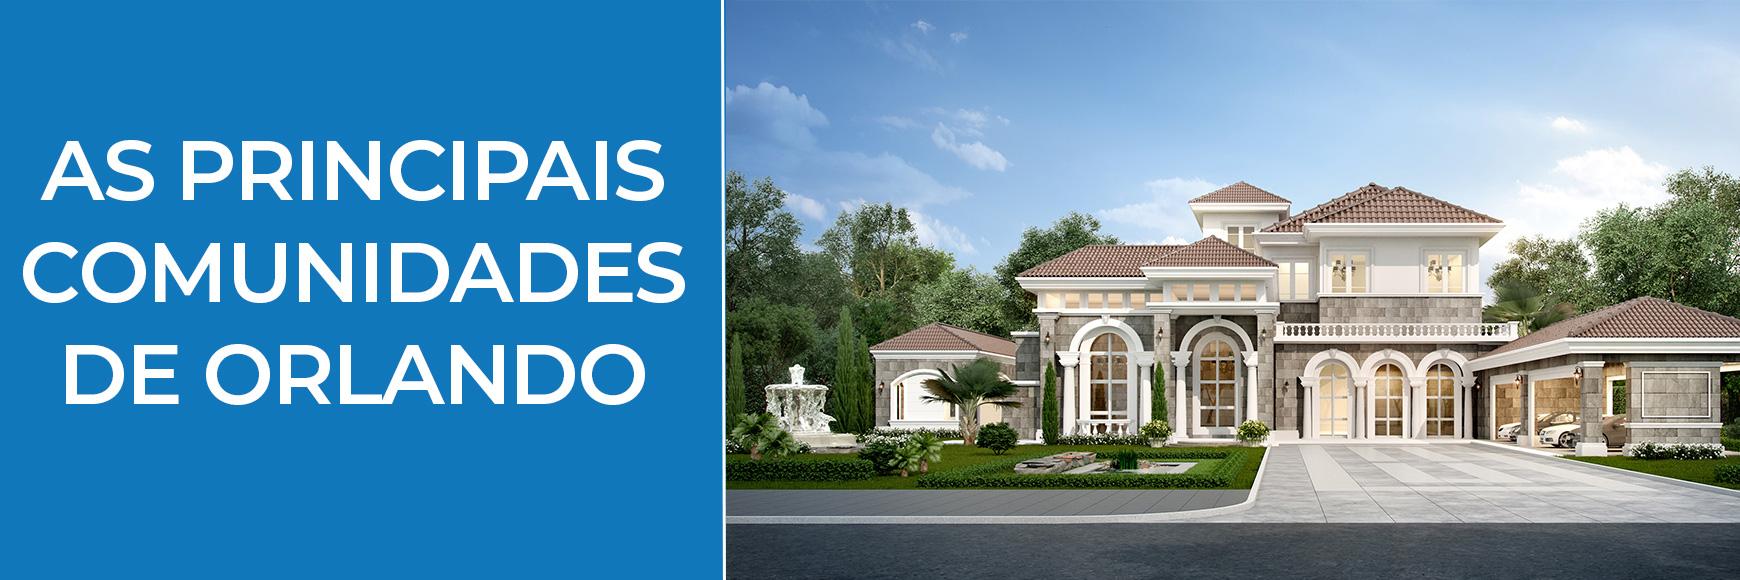 As principais comunidades de Orlando-Imóveis